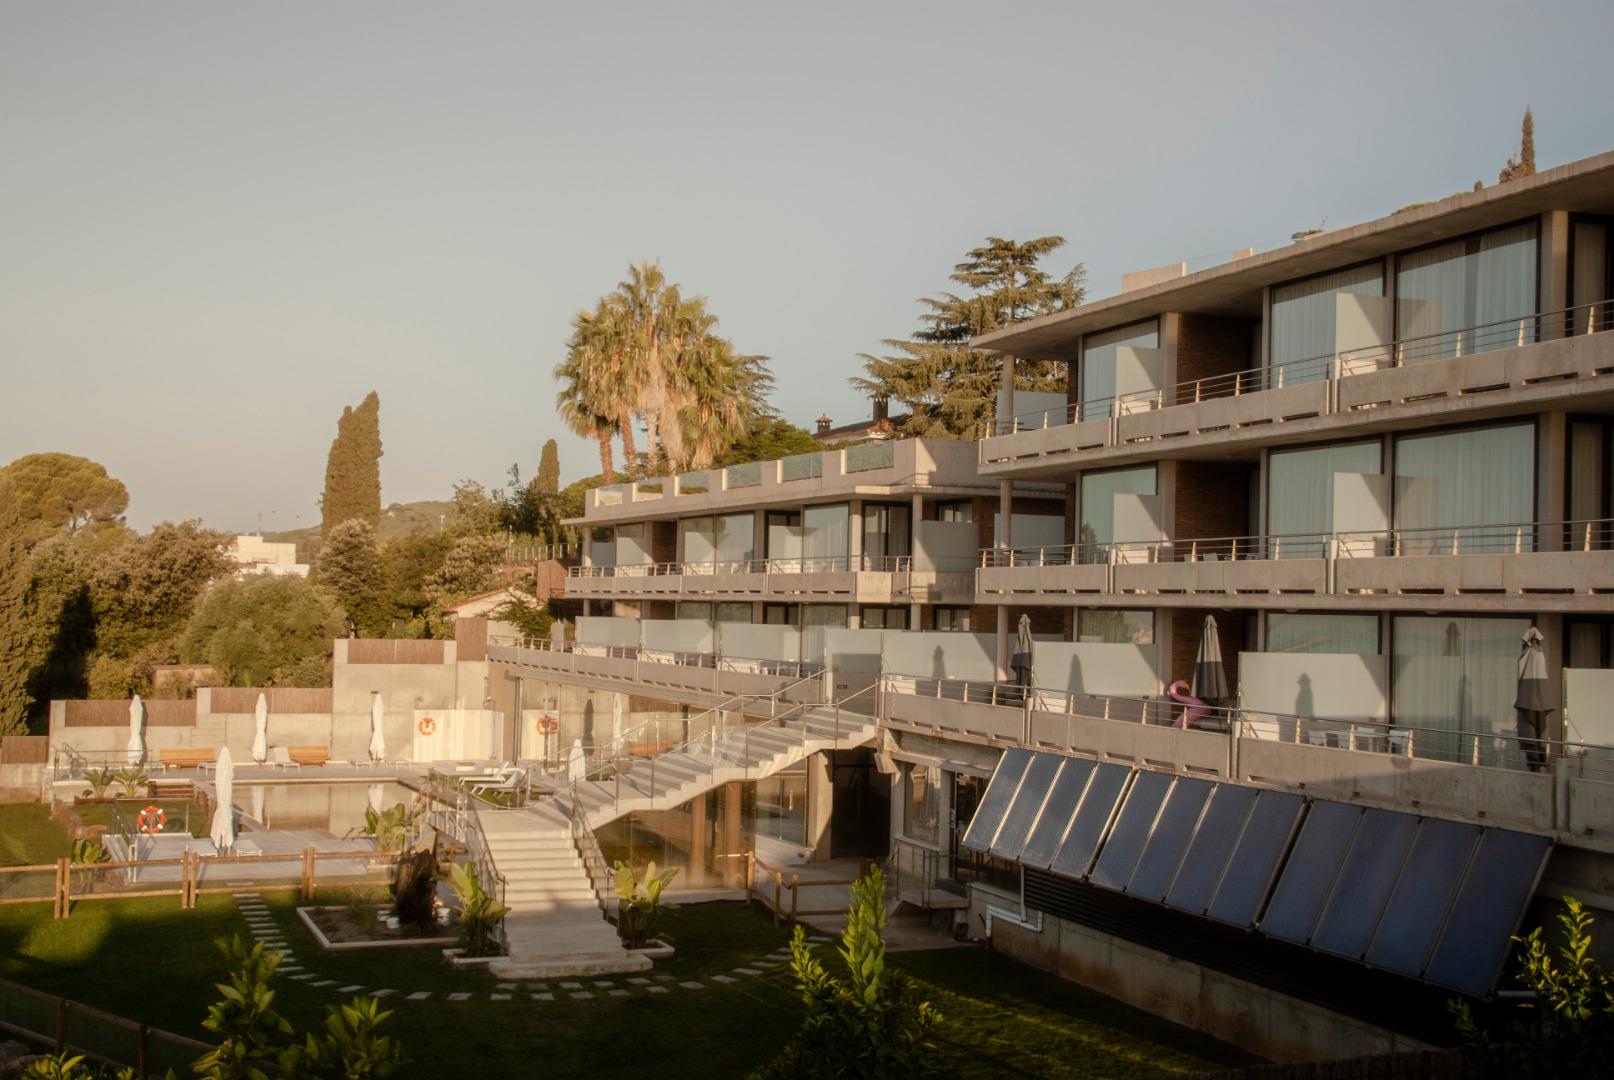 Miete Etagenwohnung  Sant andreu de llavaneres, zona de - caldes d'estrac. Apartamentos con capacidad para cuatro adultos con dos habitacio